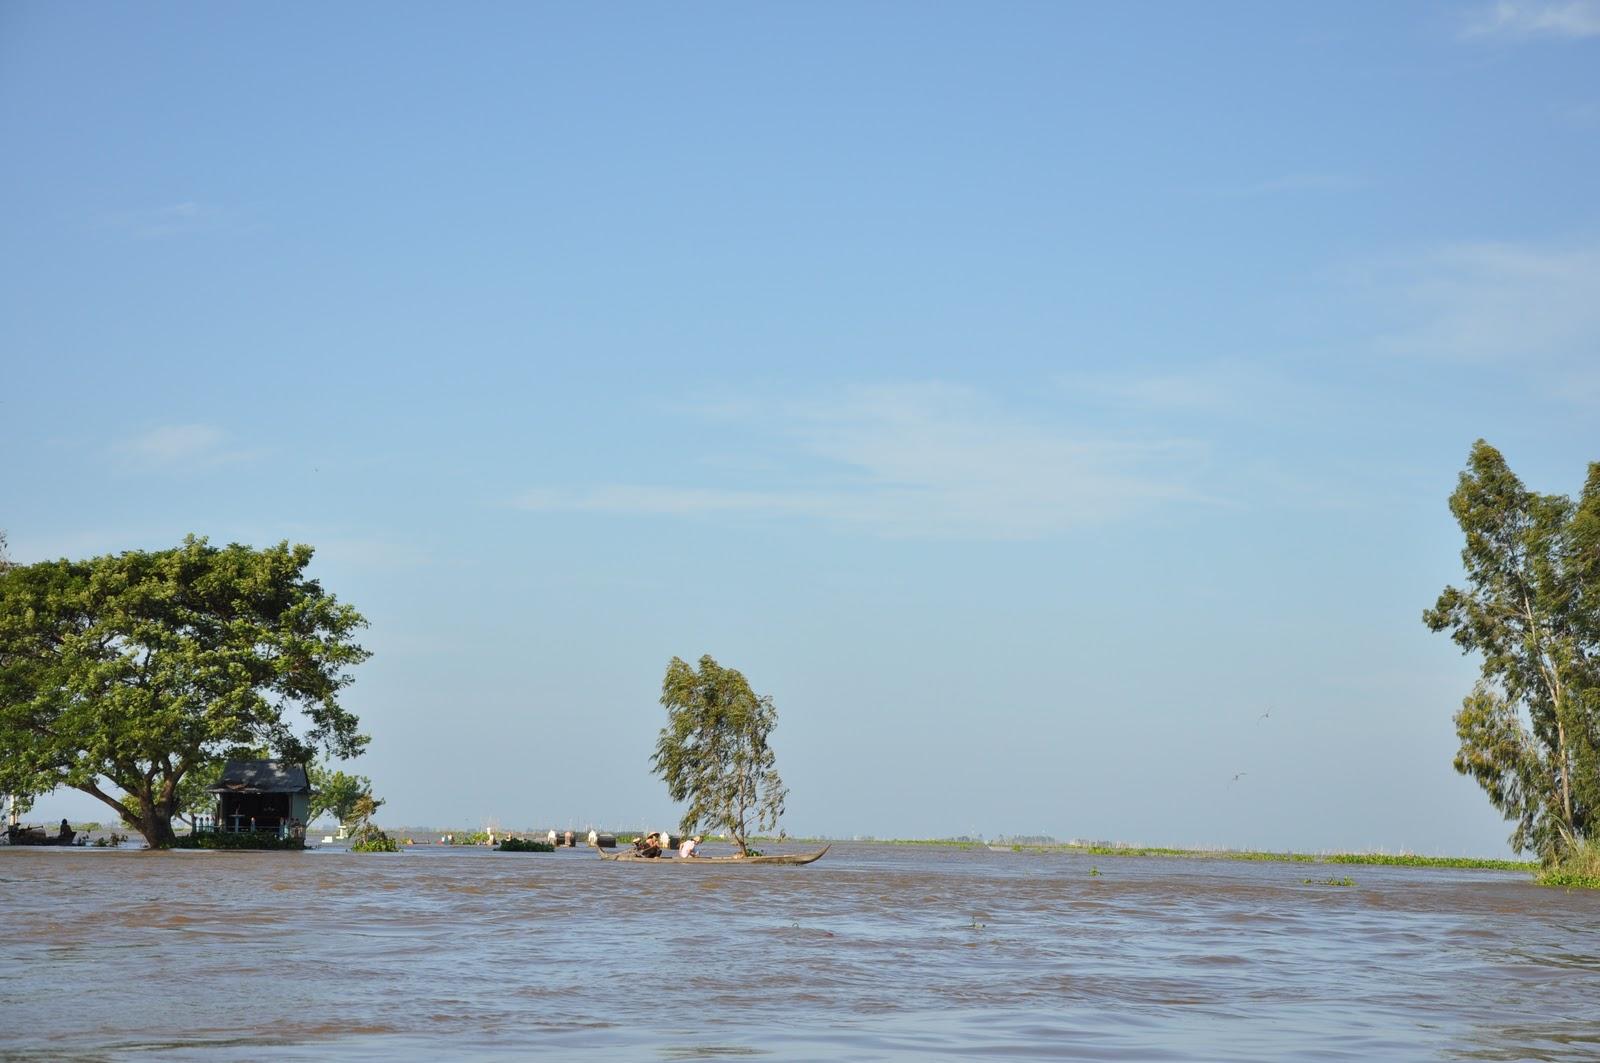 Cửa khẩu Bắc Đai thuộc địa bàn xã Nhơn Hội, huyện An Phú, tỉnh An Giang